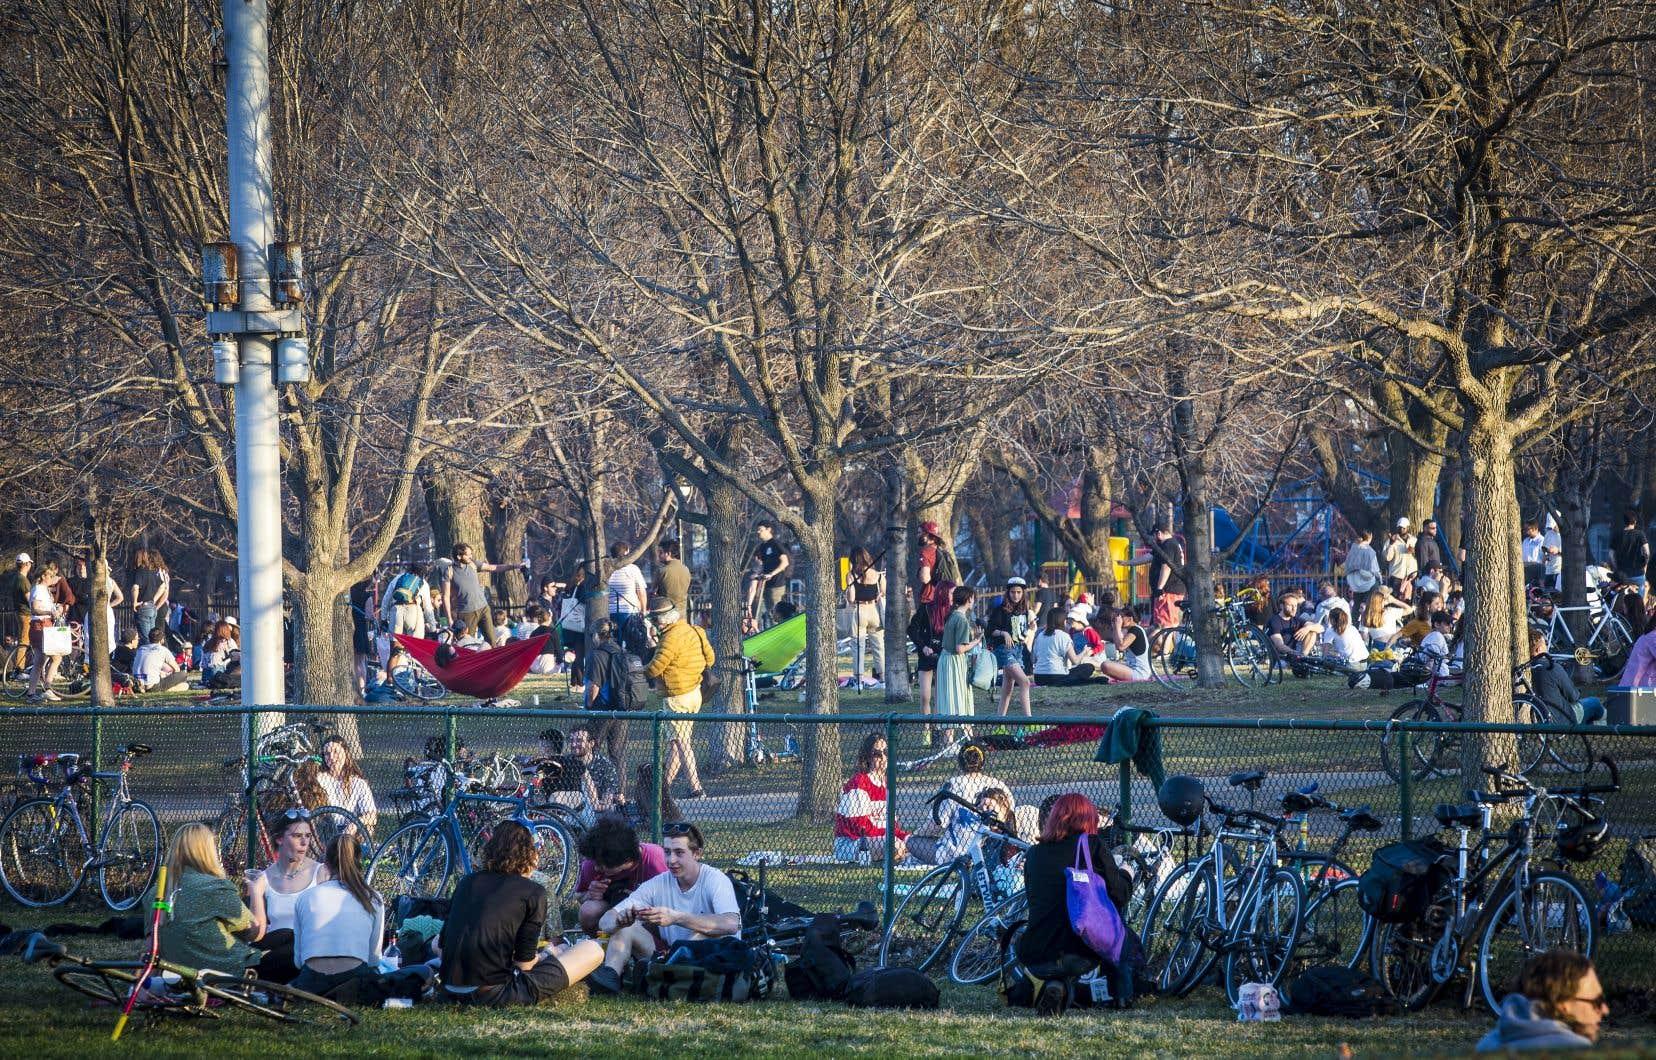 Des centaines de personnes étaient réunies en petits groupes au parc Laurier, dans le quartier Plateau-Mont-Royal.